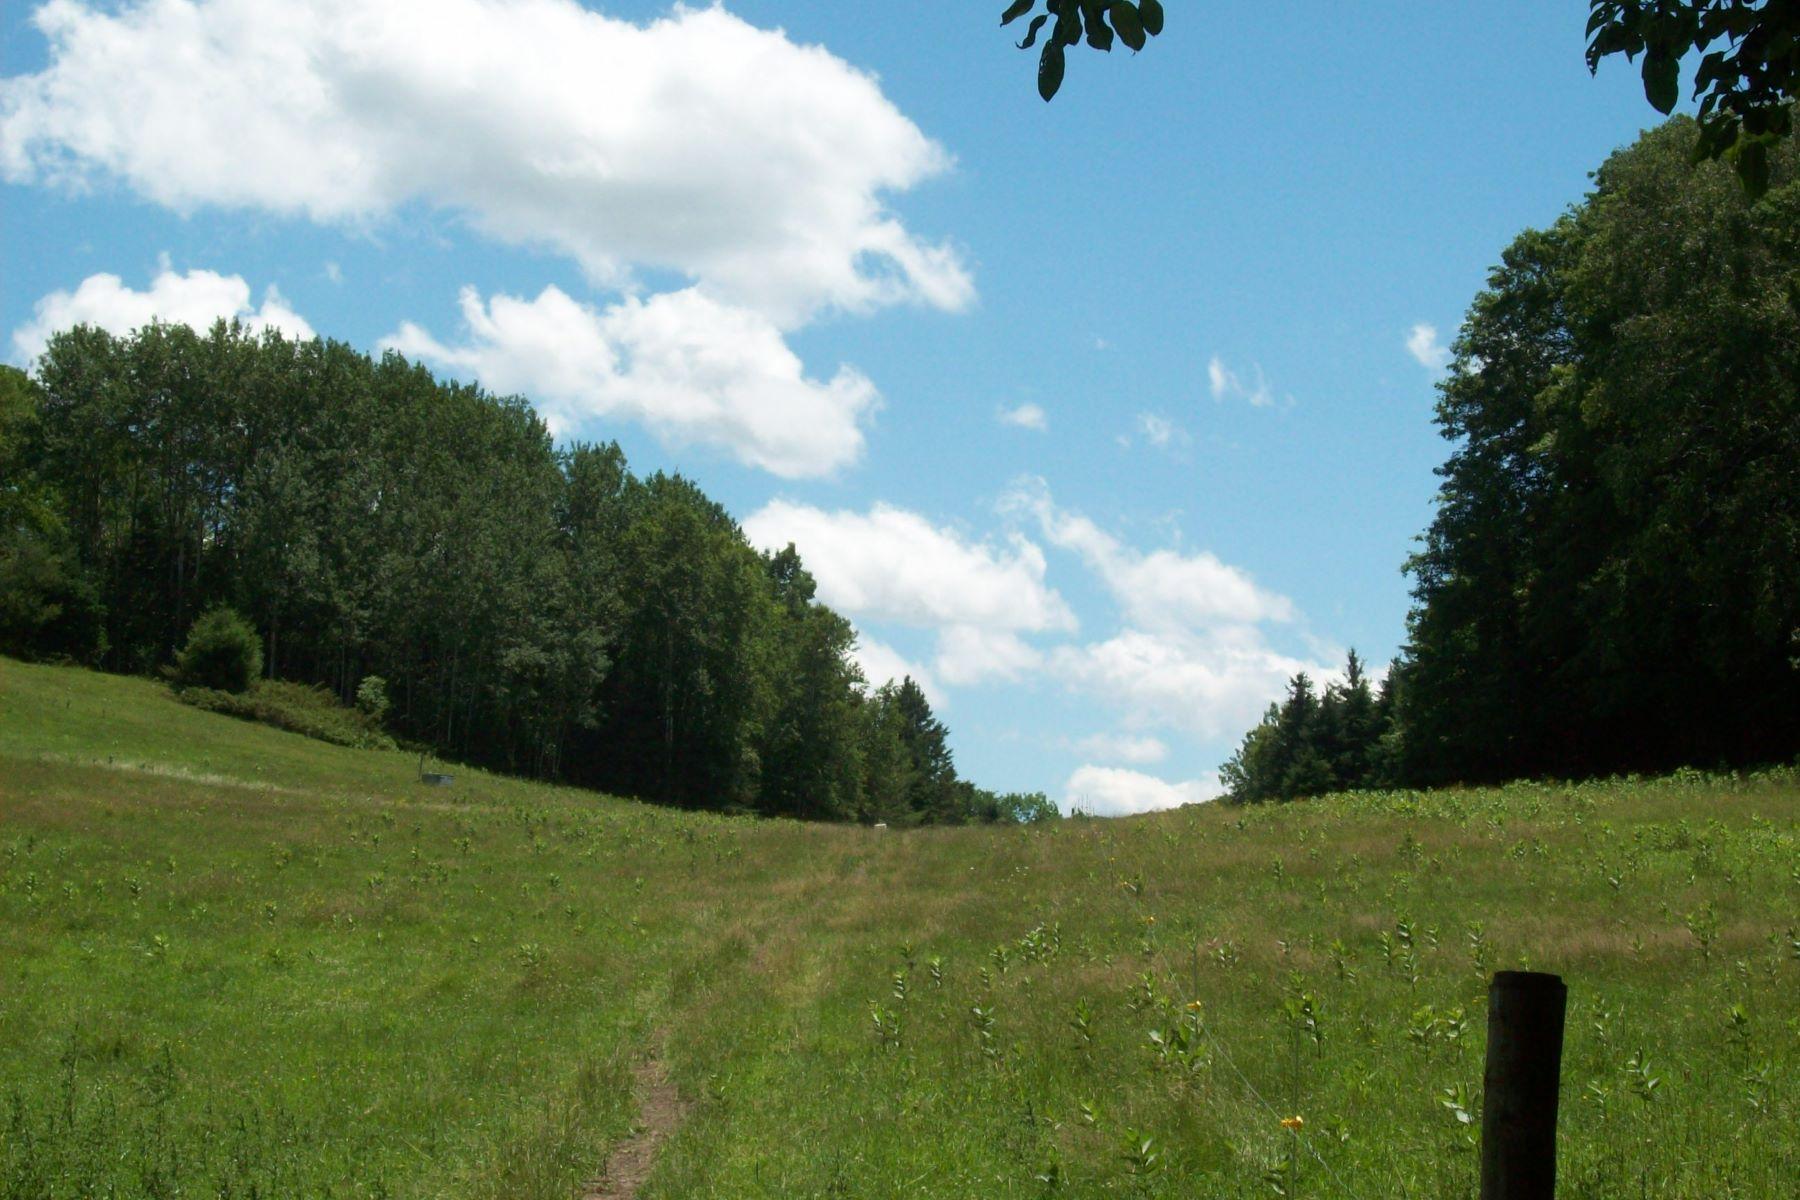 Terreno por un Venta en Views of hills and mountains 4173 Chelsea Rd, Corinth, Vermont, 05039 Estados Unidos